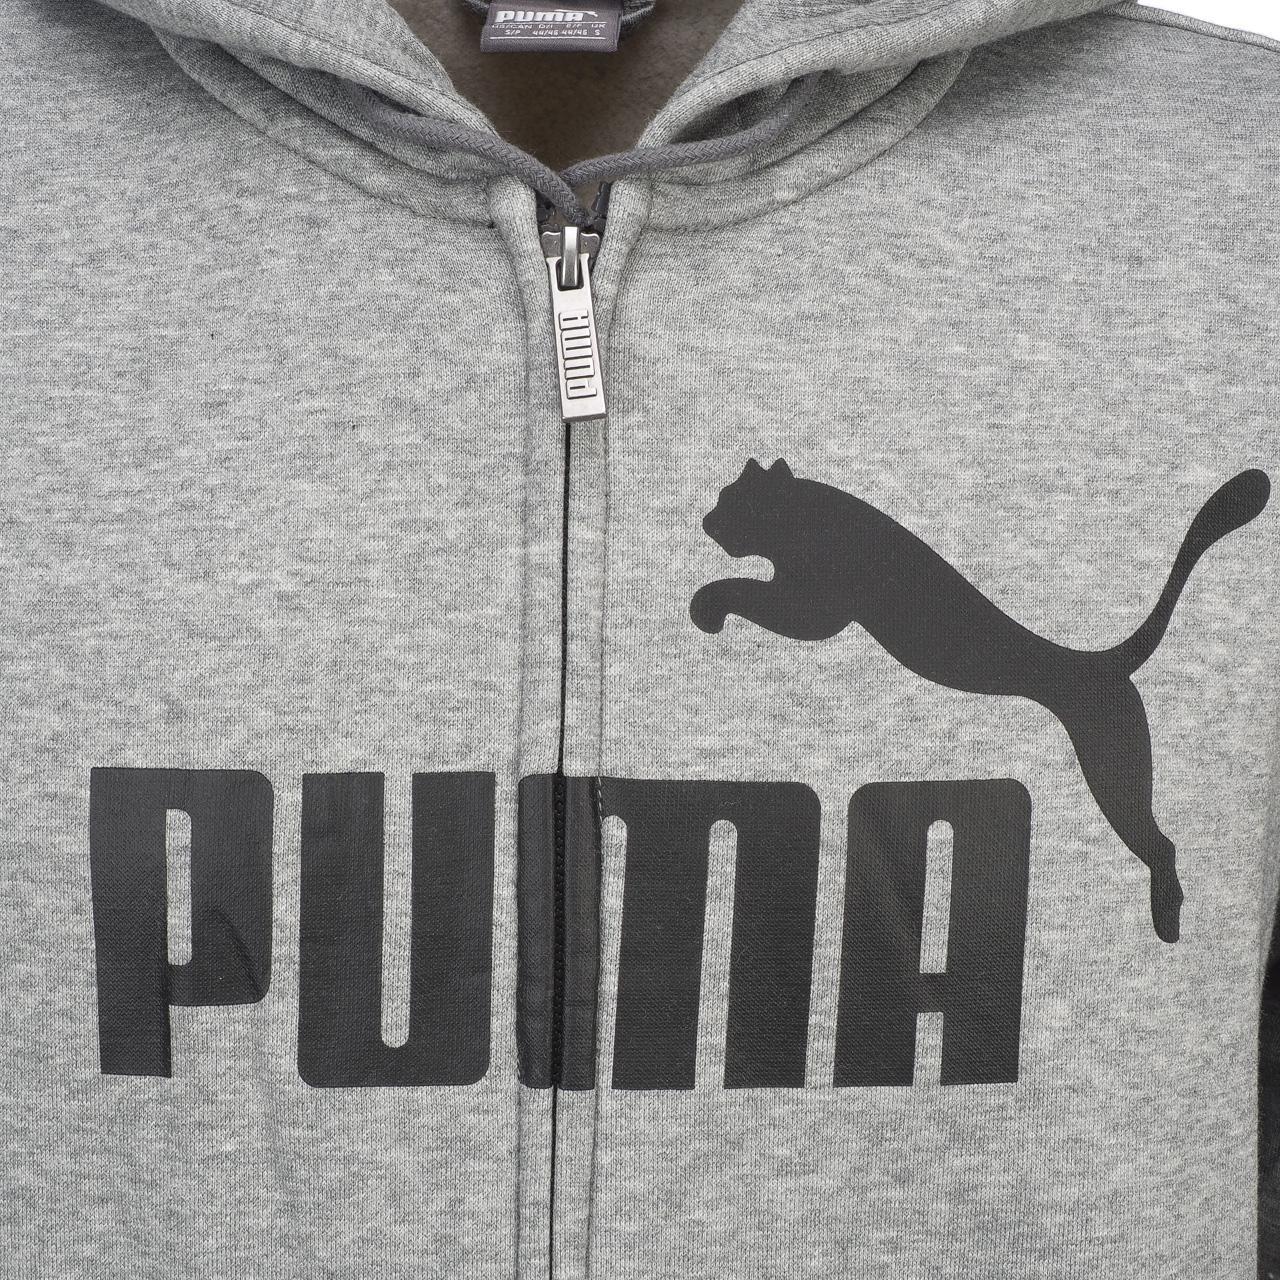 Big Logo Nuovo Ess Puma Fz cappuccio Felpe con 12833 Felpe con Felpa Grc con cappuccio Grigio cappuccio 1TxP7q